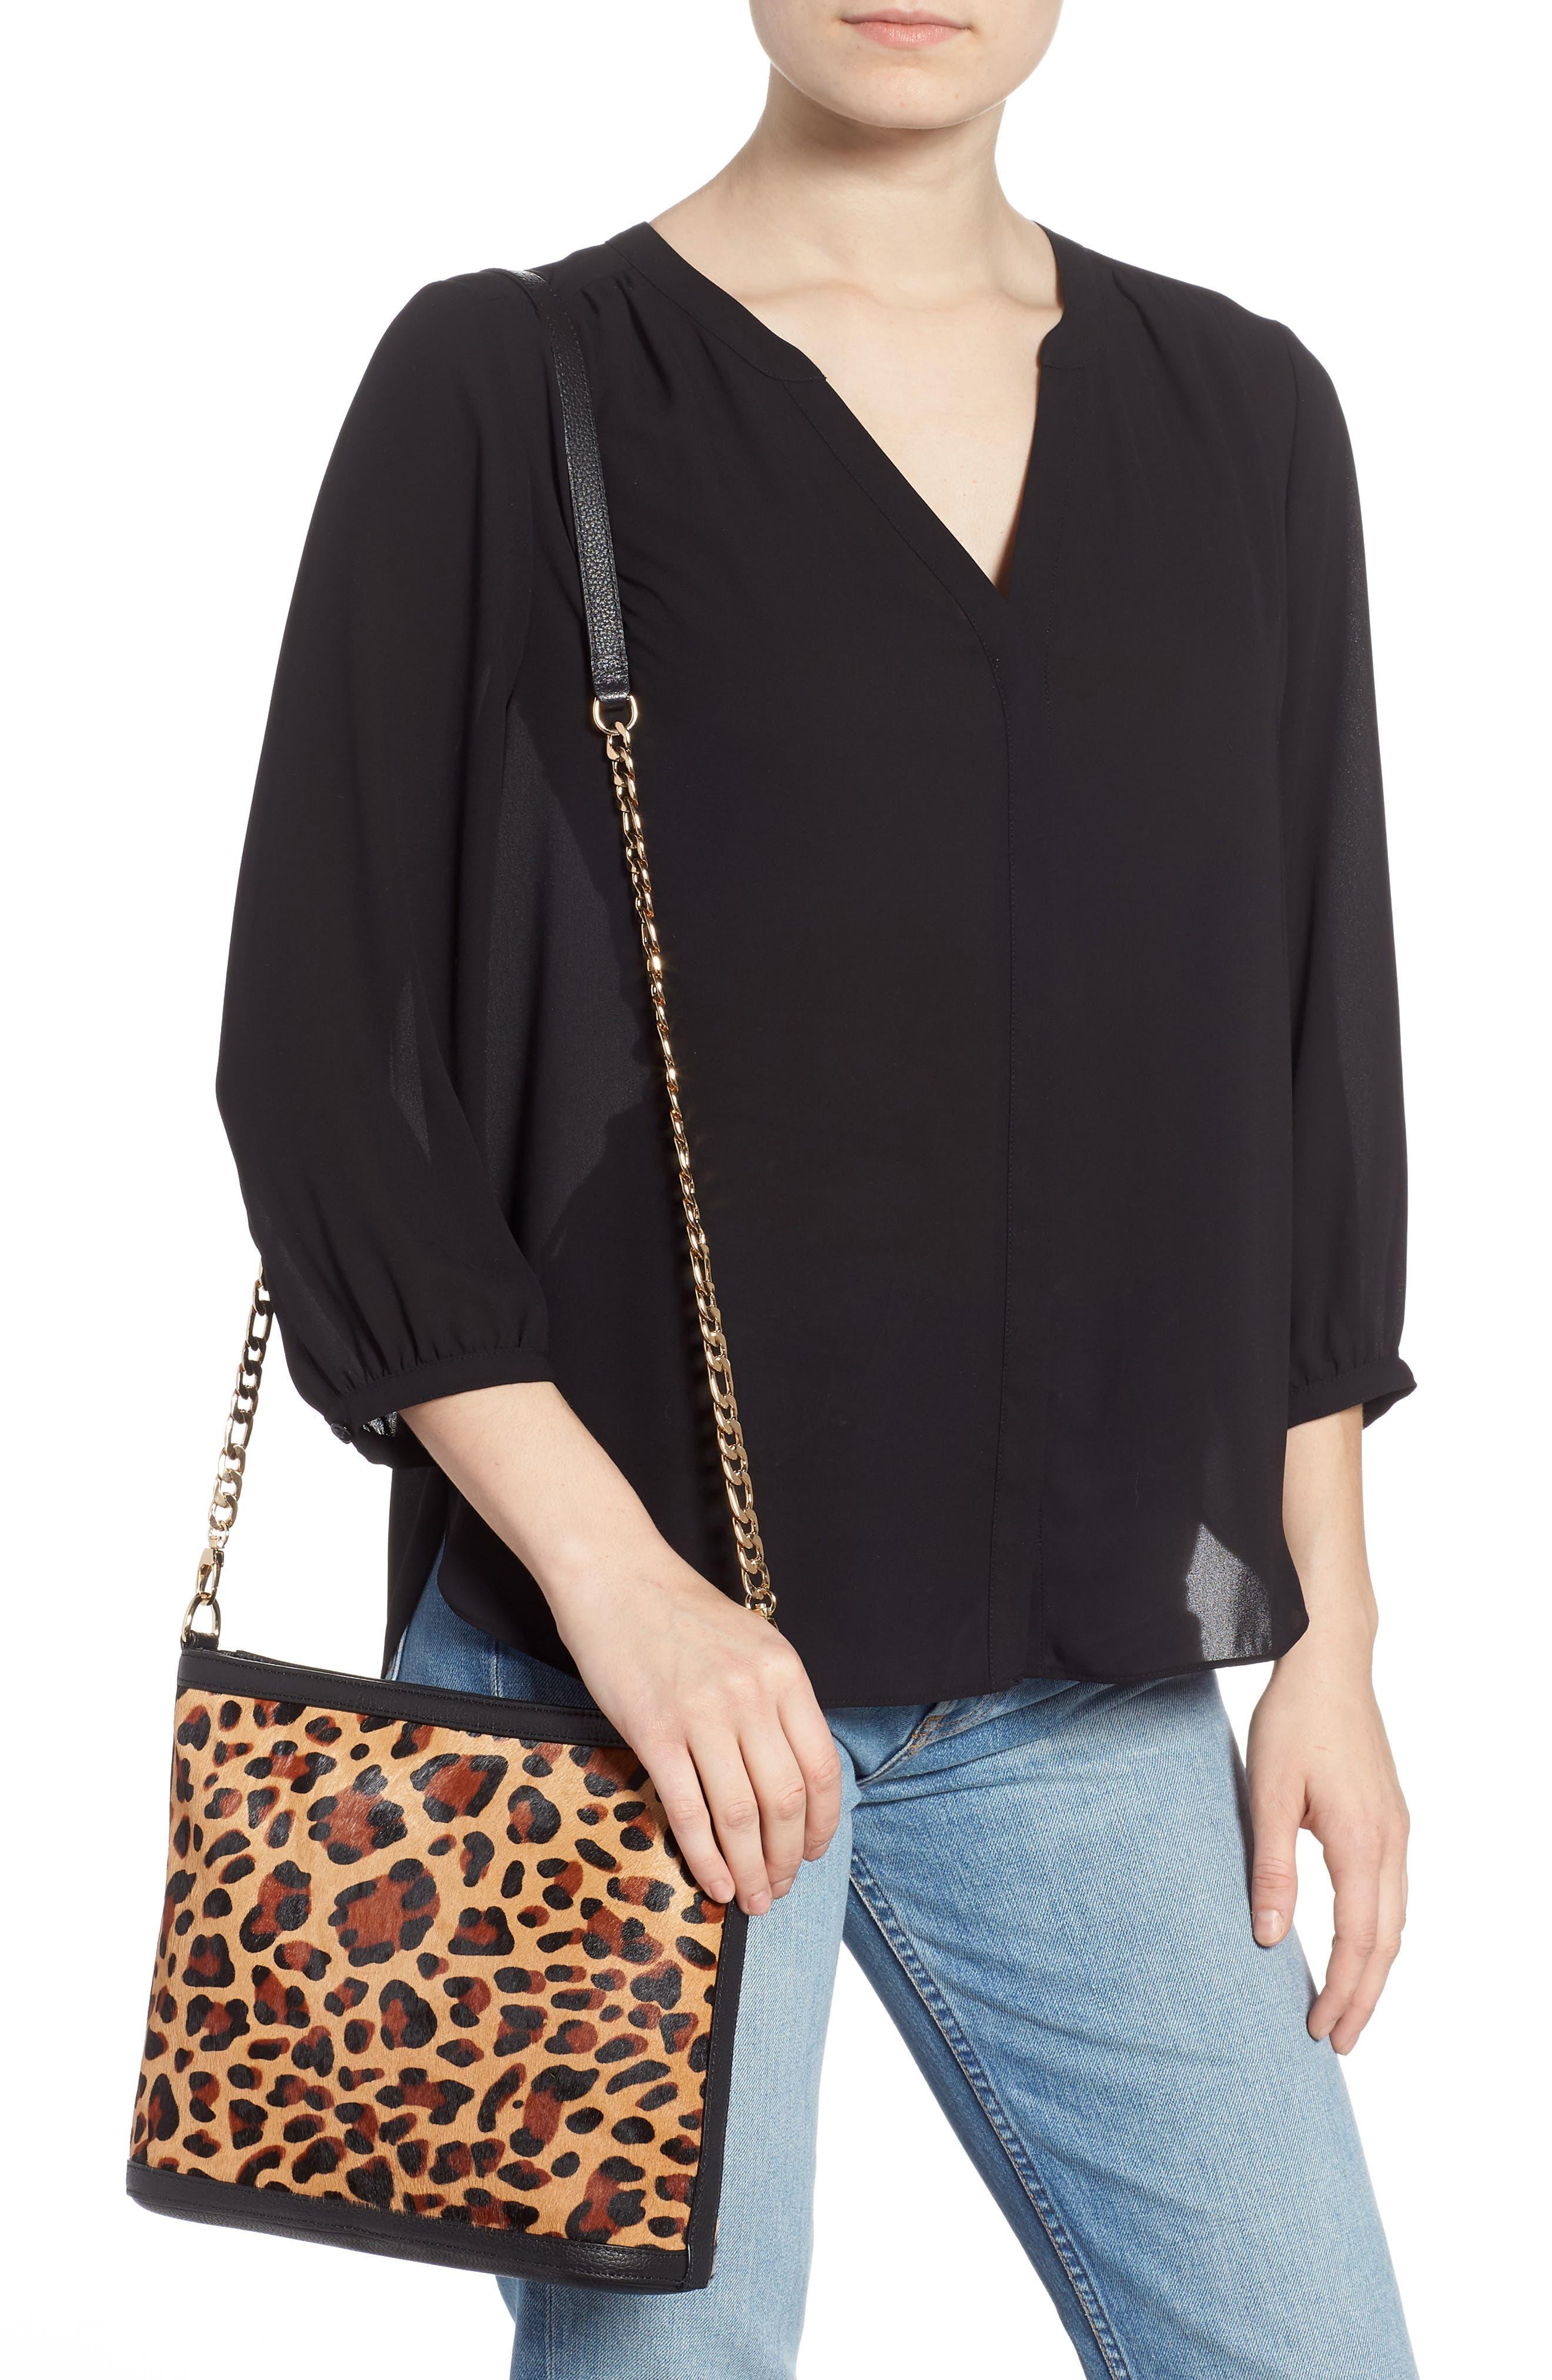 Maribel Genuine Calf Hair Crossbody Bag,                             Alternate thumbnail 2, color,                             NATURAL LEOPARD